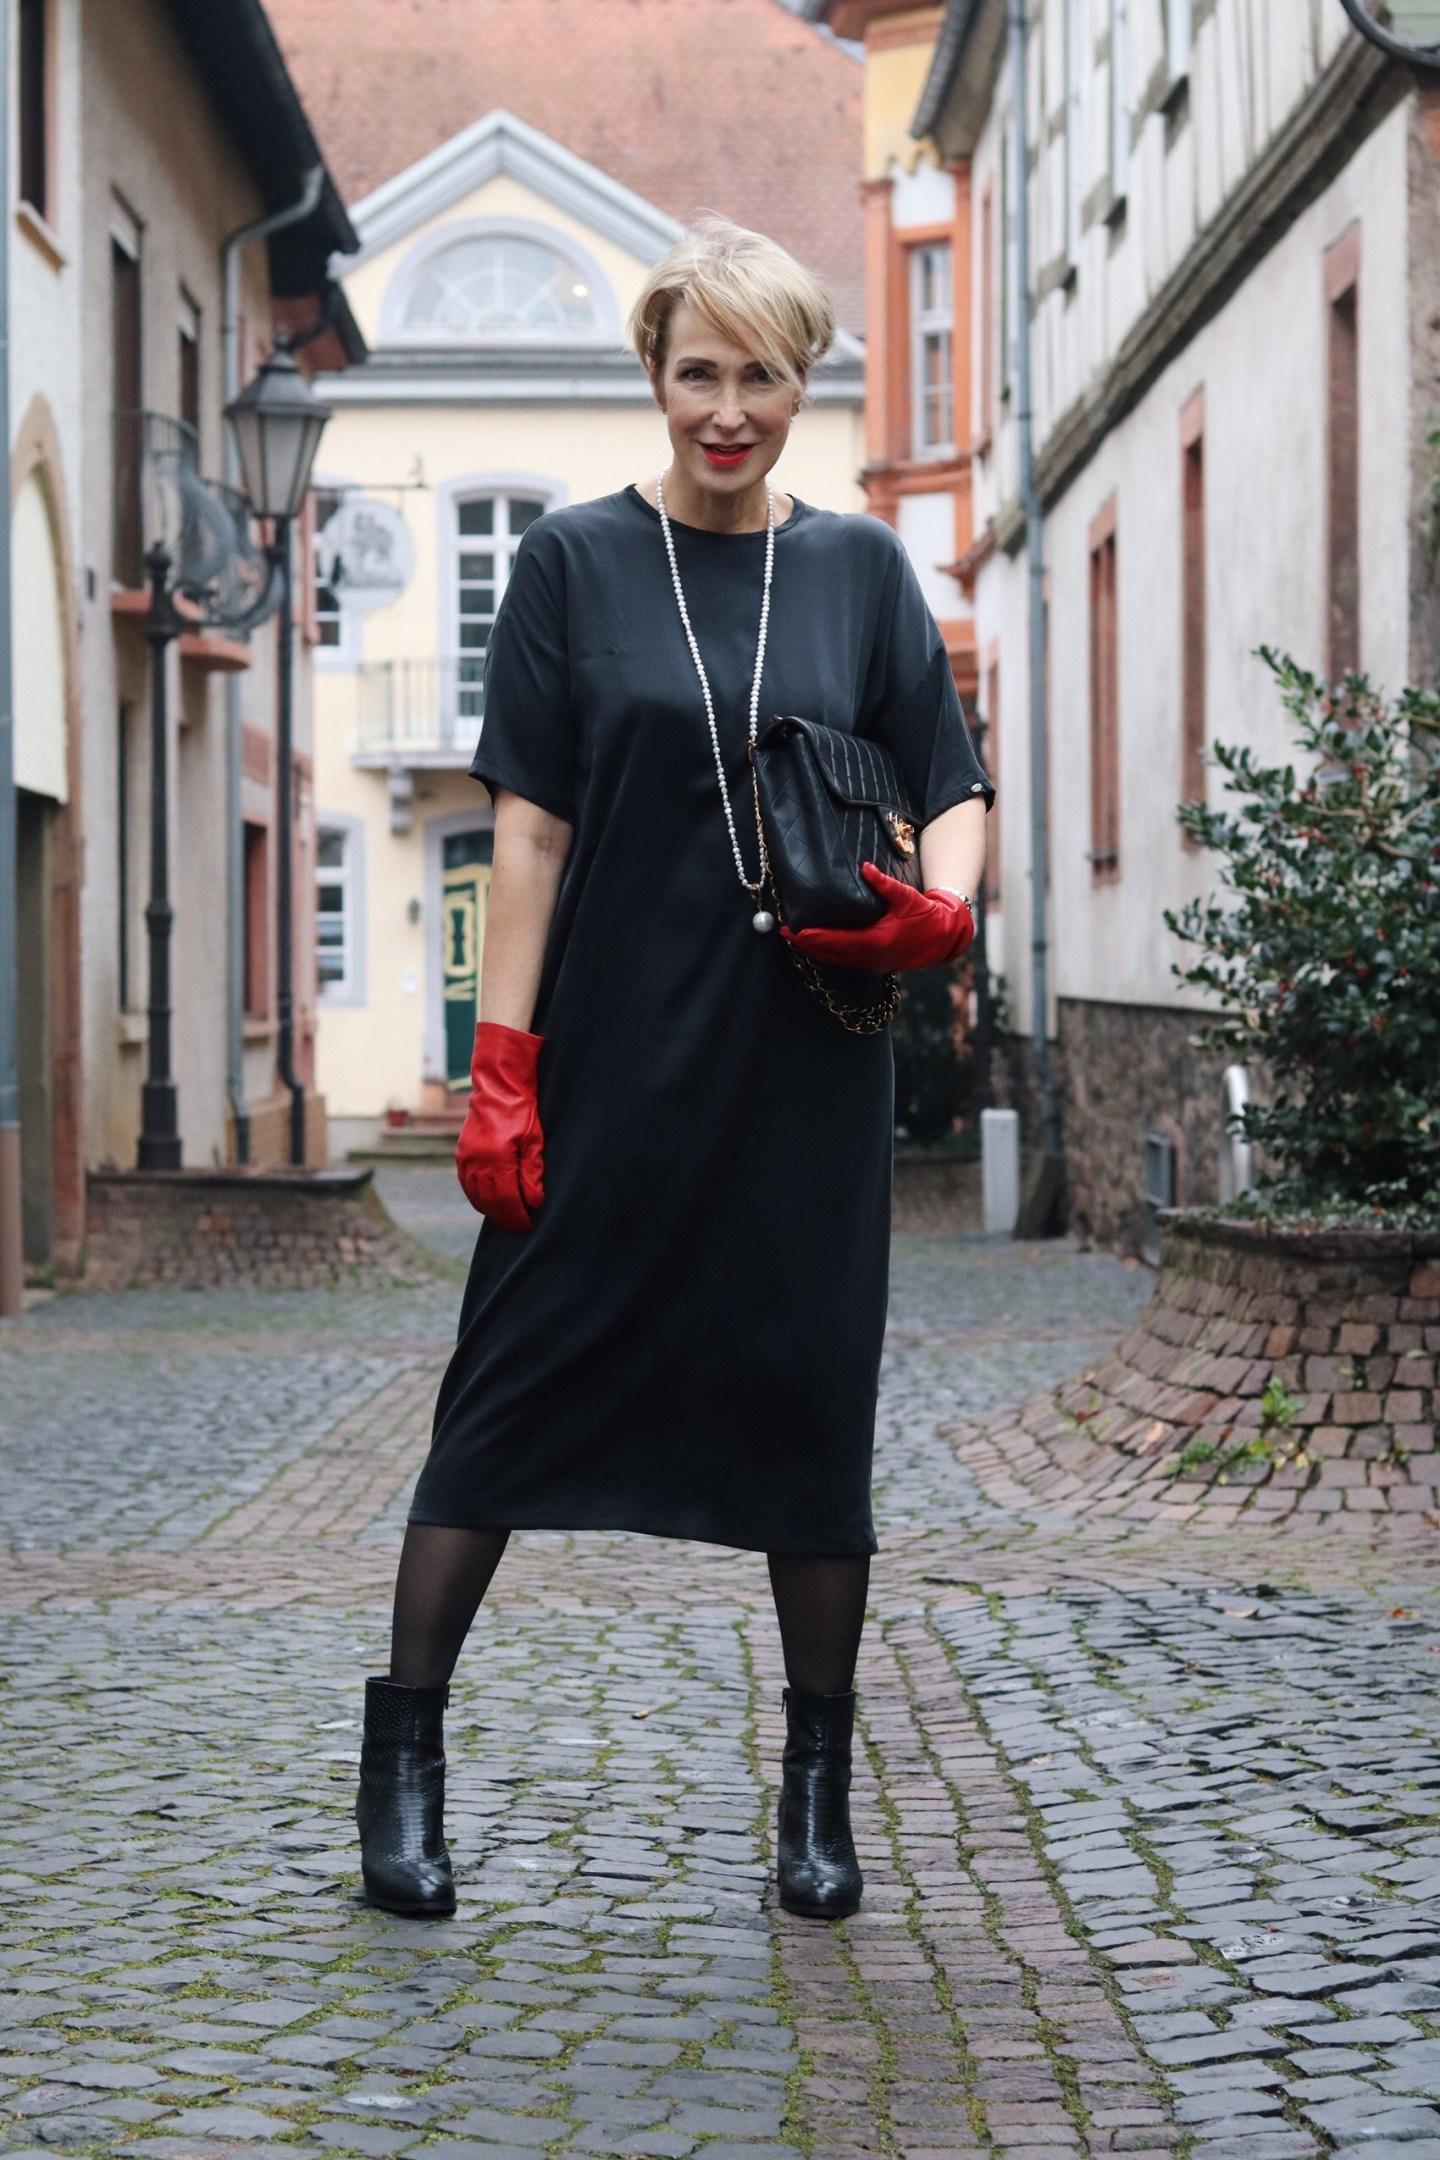 glamupyourlifestyle seidenkleid maßgeschneidert ue-40-mode ue-50-blog susanne-landis